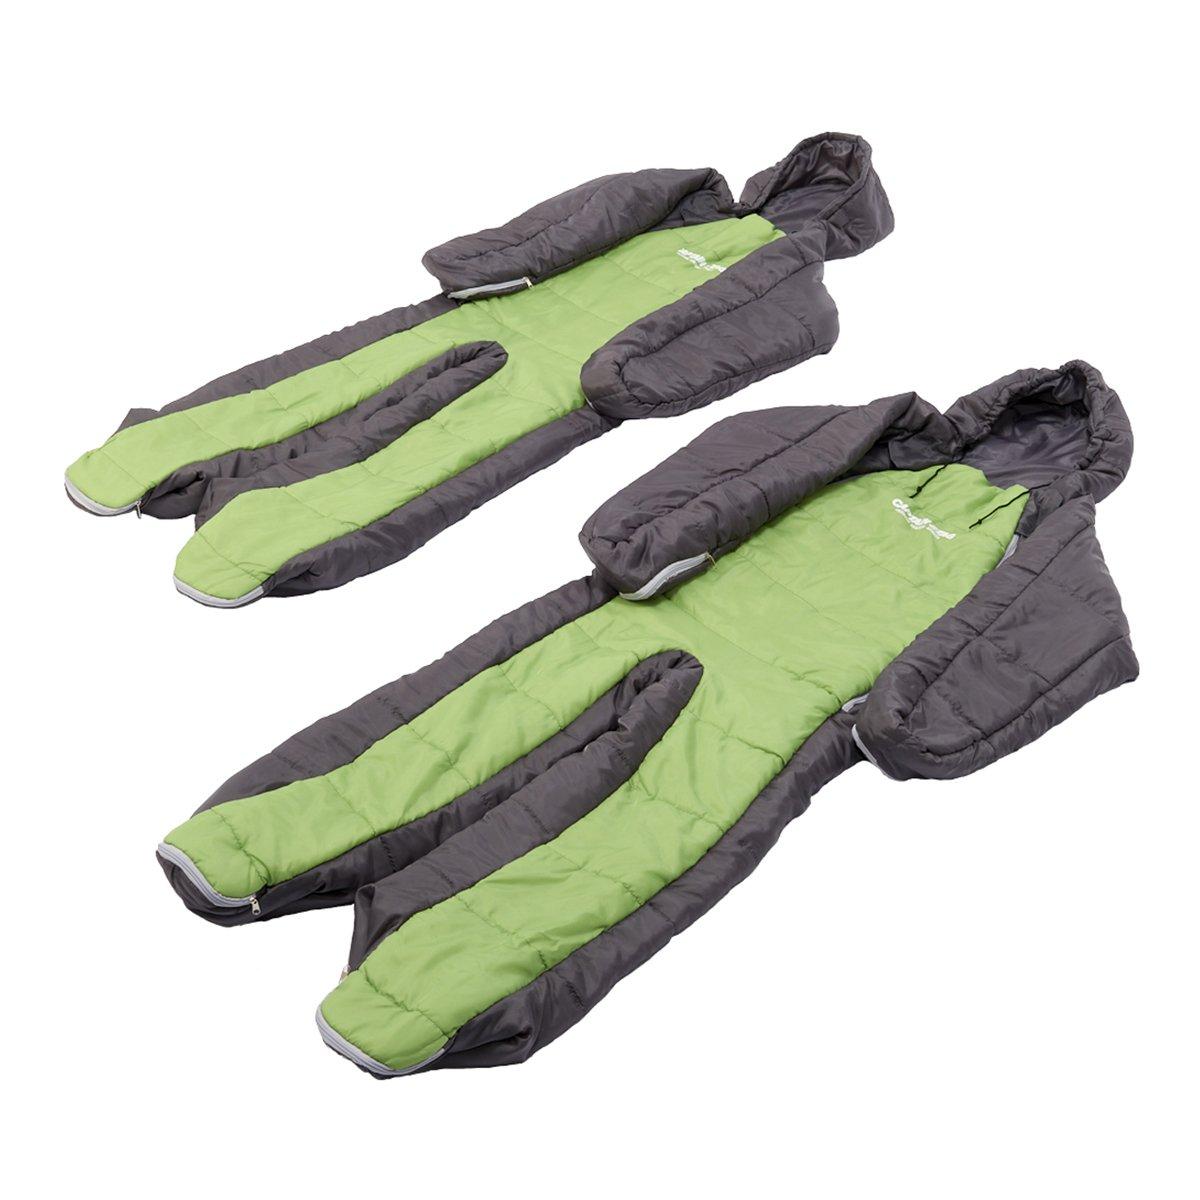 キャプテンスタッグ(CAPTAIN STAG) 寝袋 シュラフ 清潔 丸ごと洗える 人型寝袋 2個セットUZ-13060 B00NHD129A